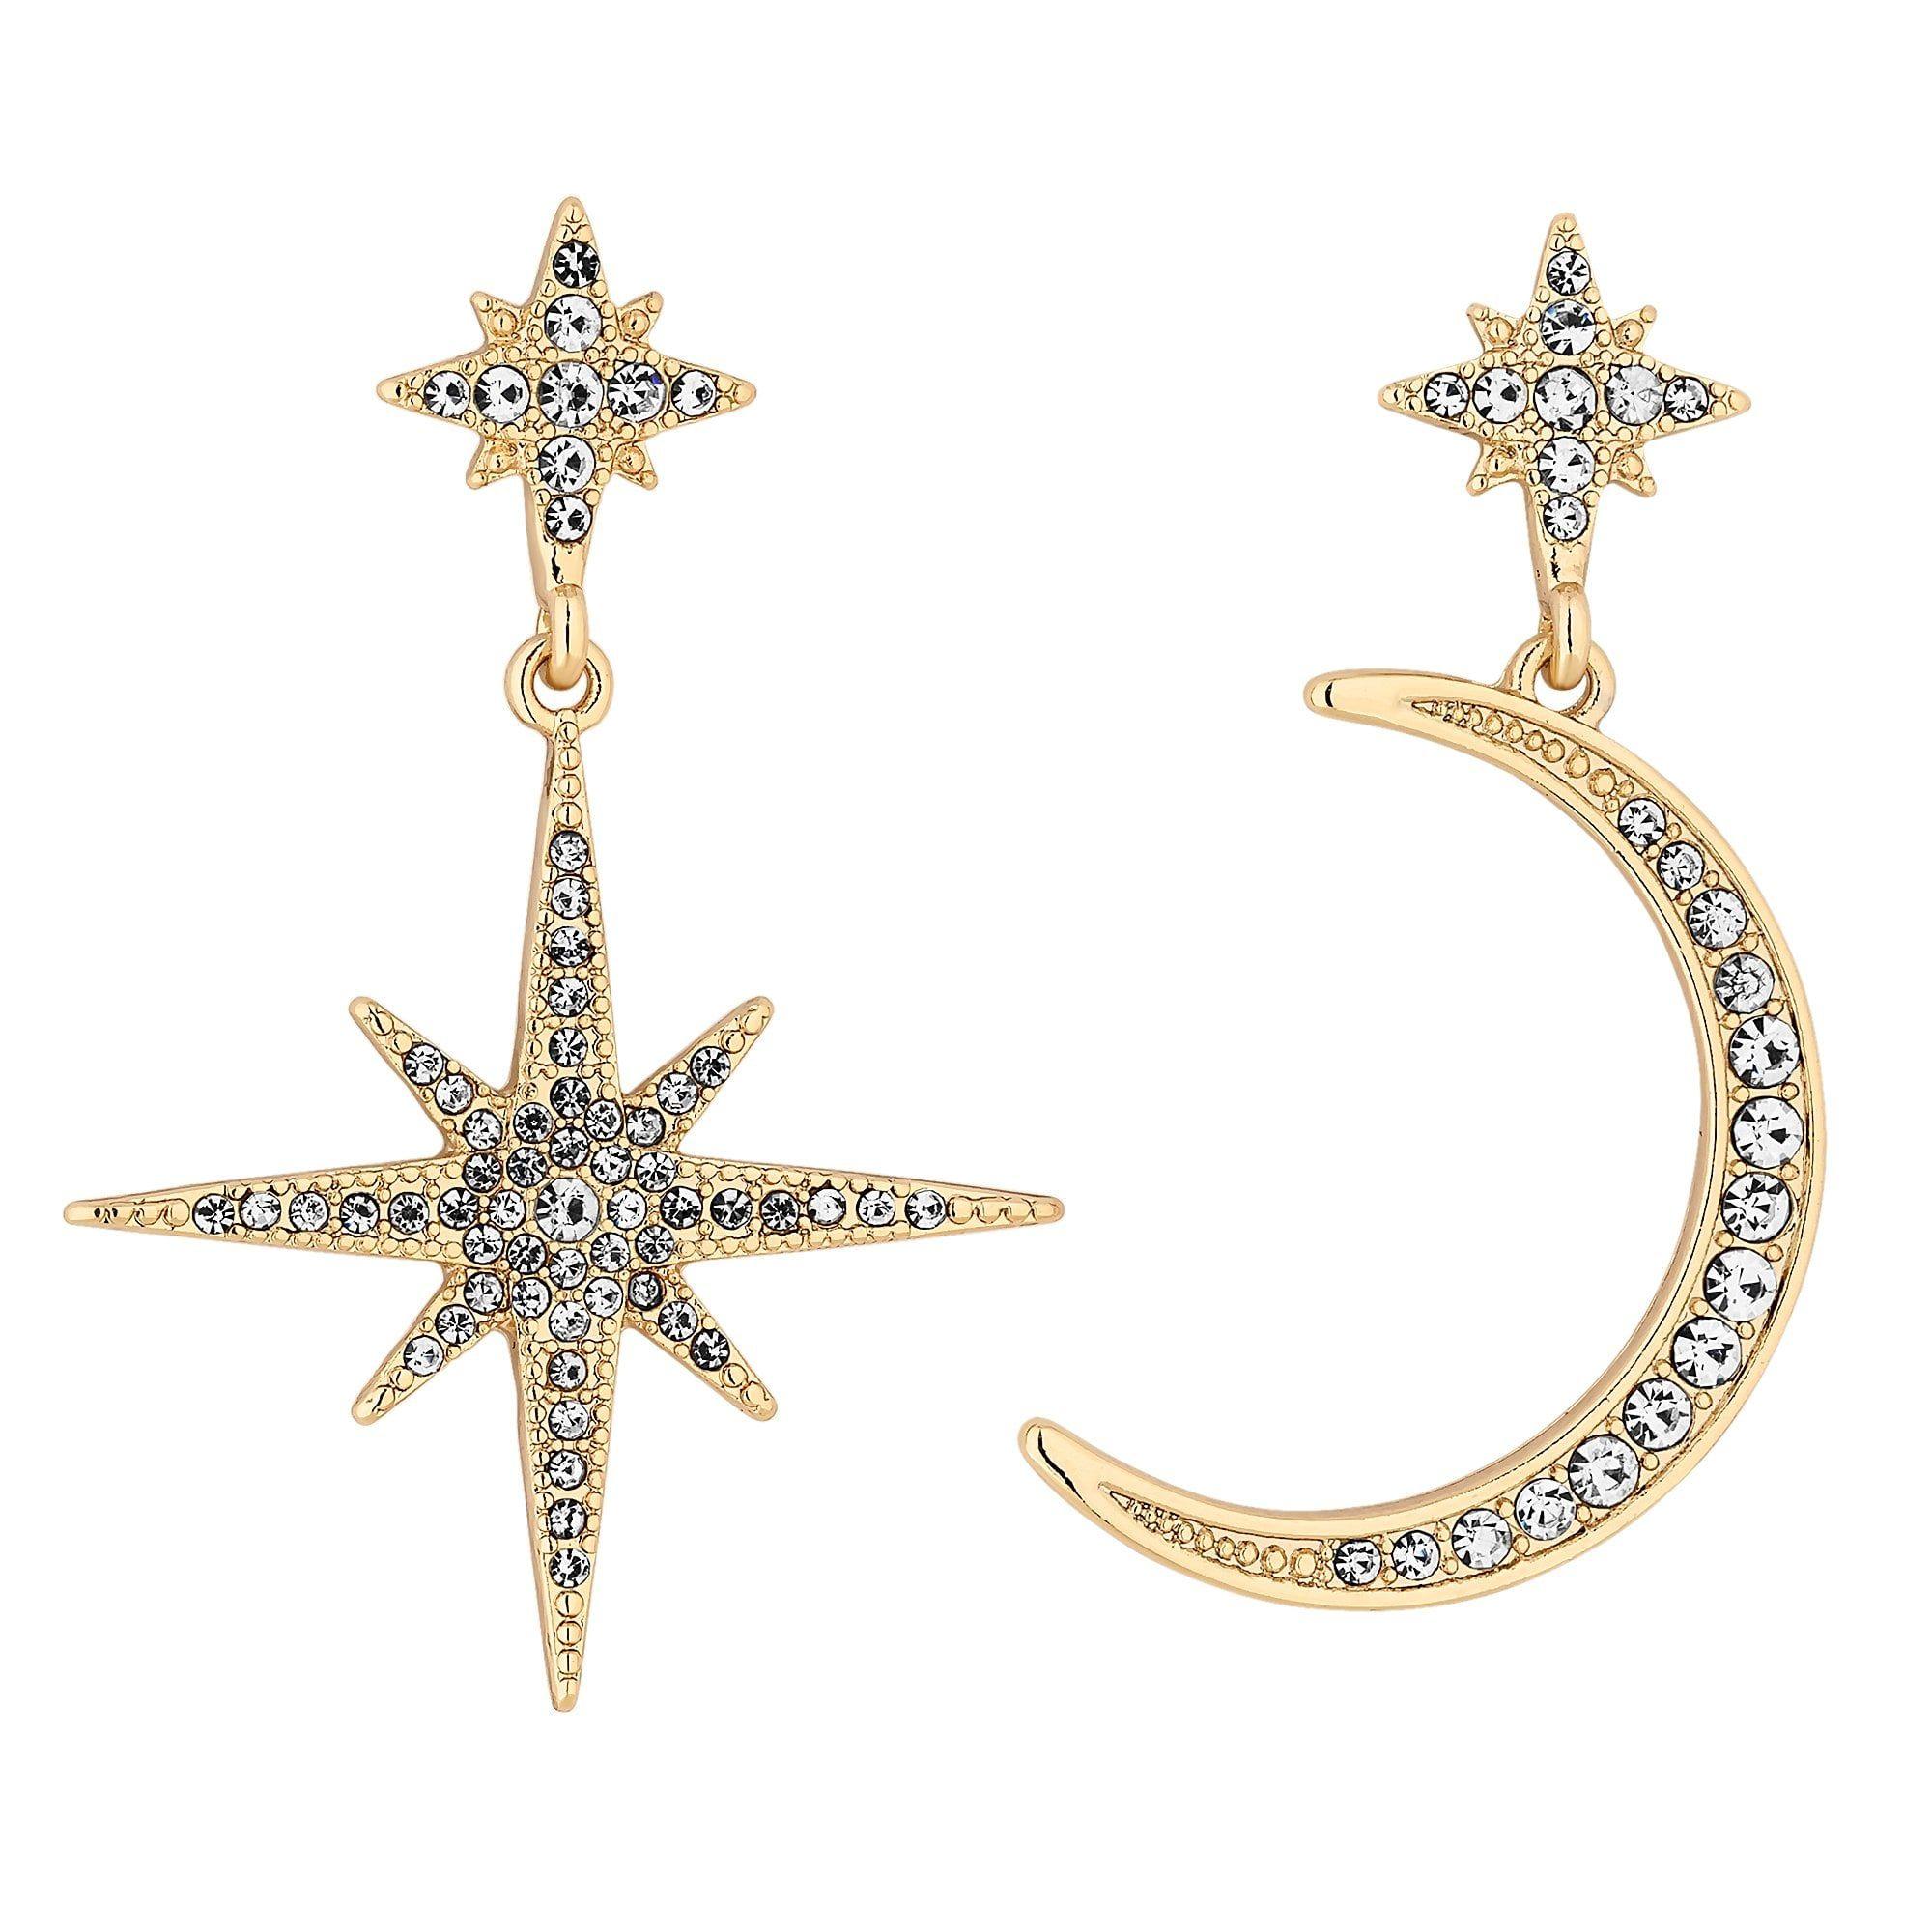 Mood By Jon Richard Gold Celestial Mismatch Earrings Jewellery From Jon Richard Uk Celestial Jewelry Prom Jewelry Earrings Mixed Metal Jewelry